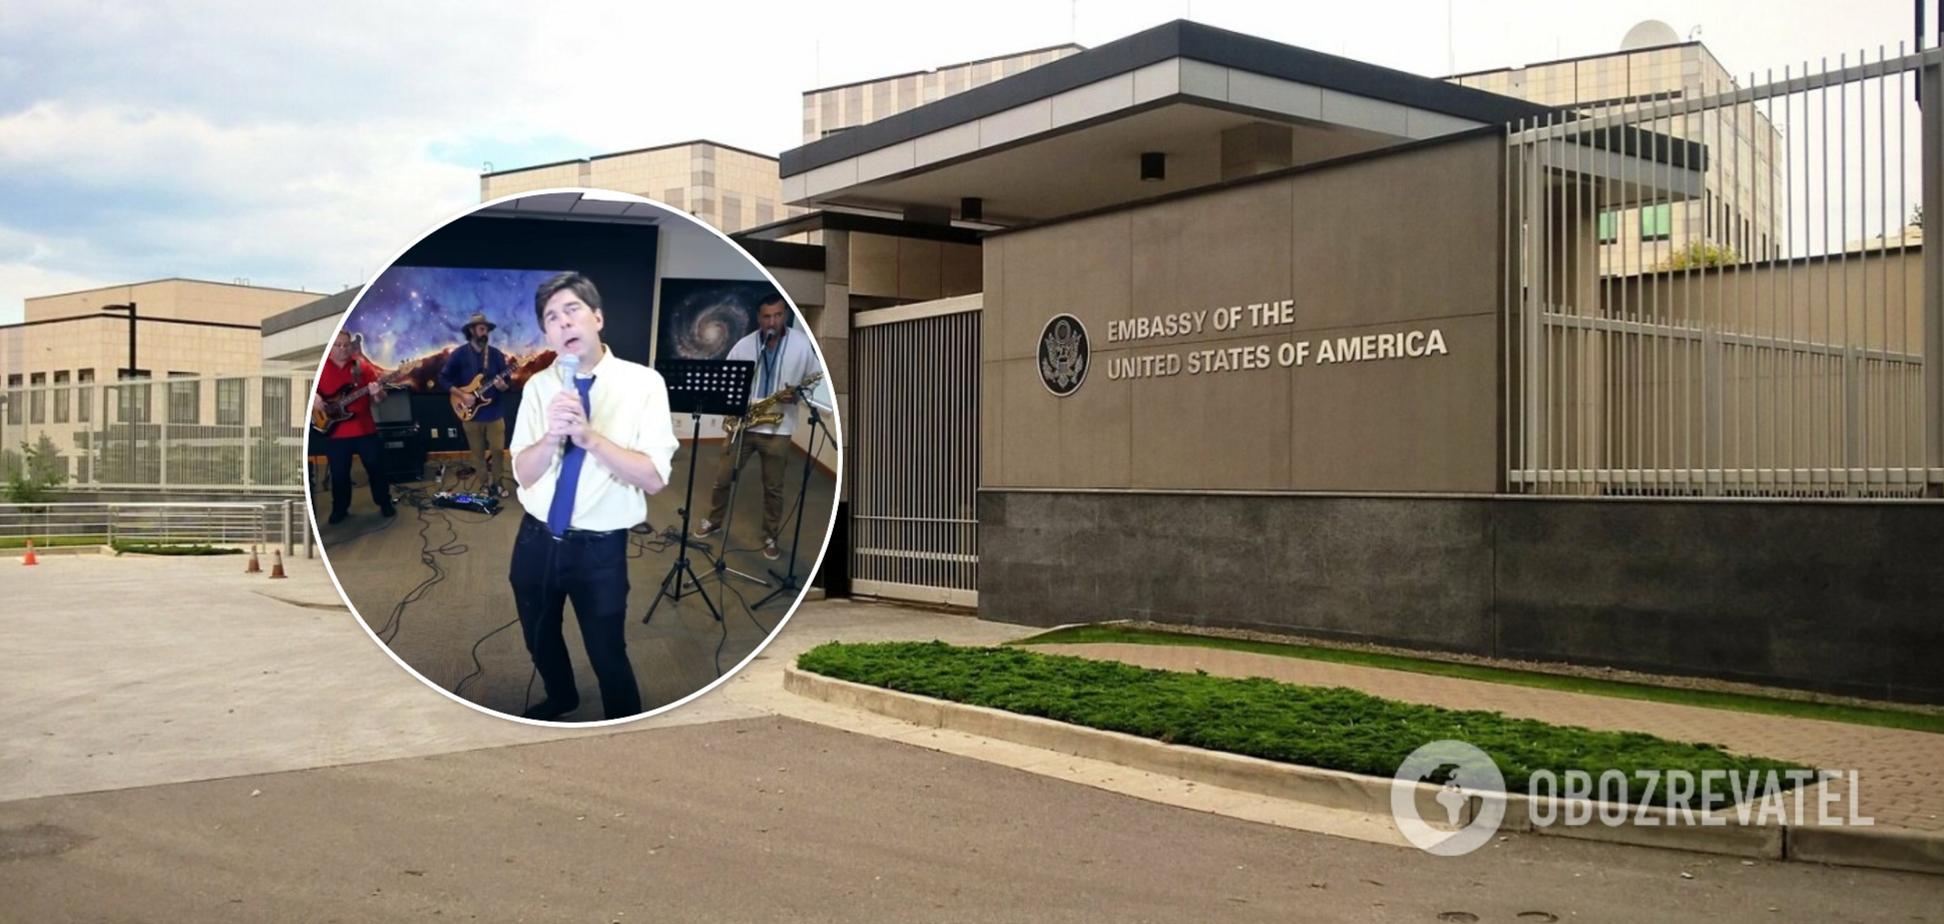 В посольстве США поздравили с Днем Независимости, спев песню на украинском языке. Видео